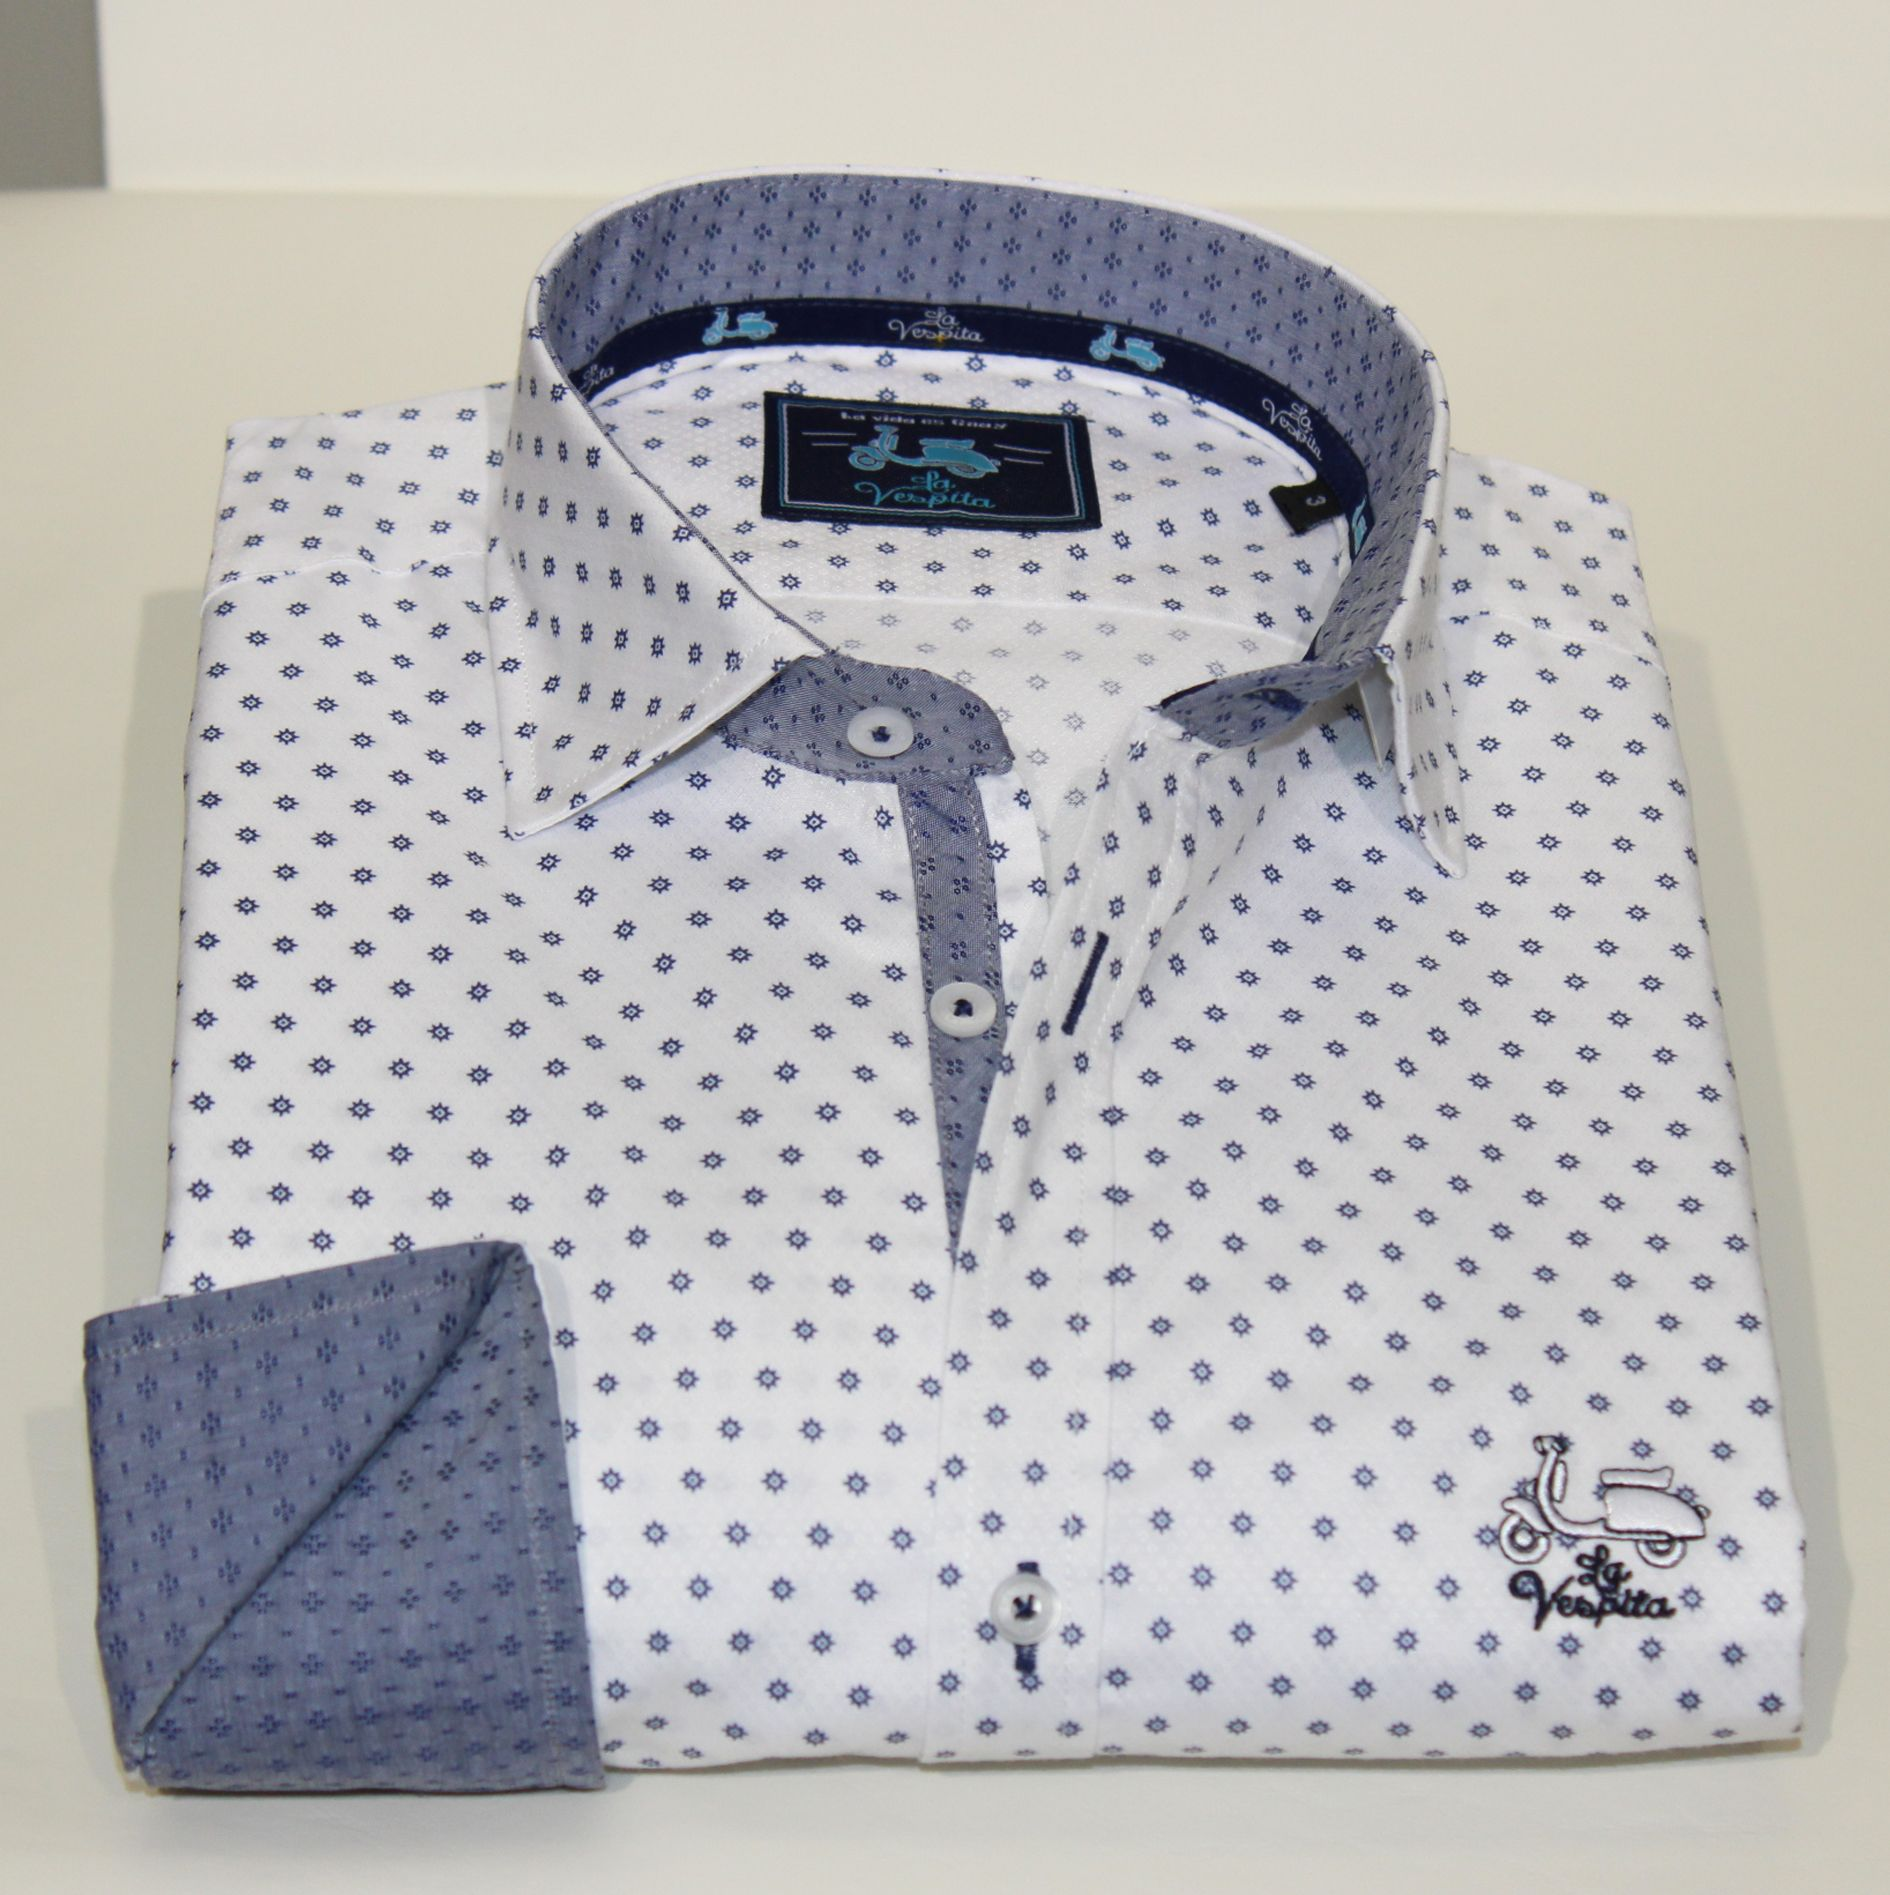 4e399506dbb Comprar camisa La Vespita - Camisa manga larga estampada lisa blanca con  cuello y puño azul